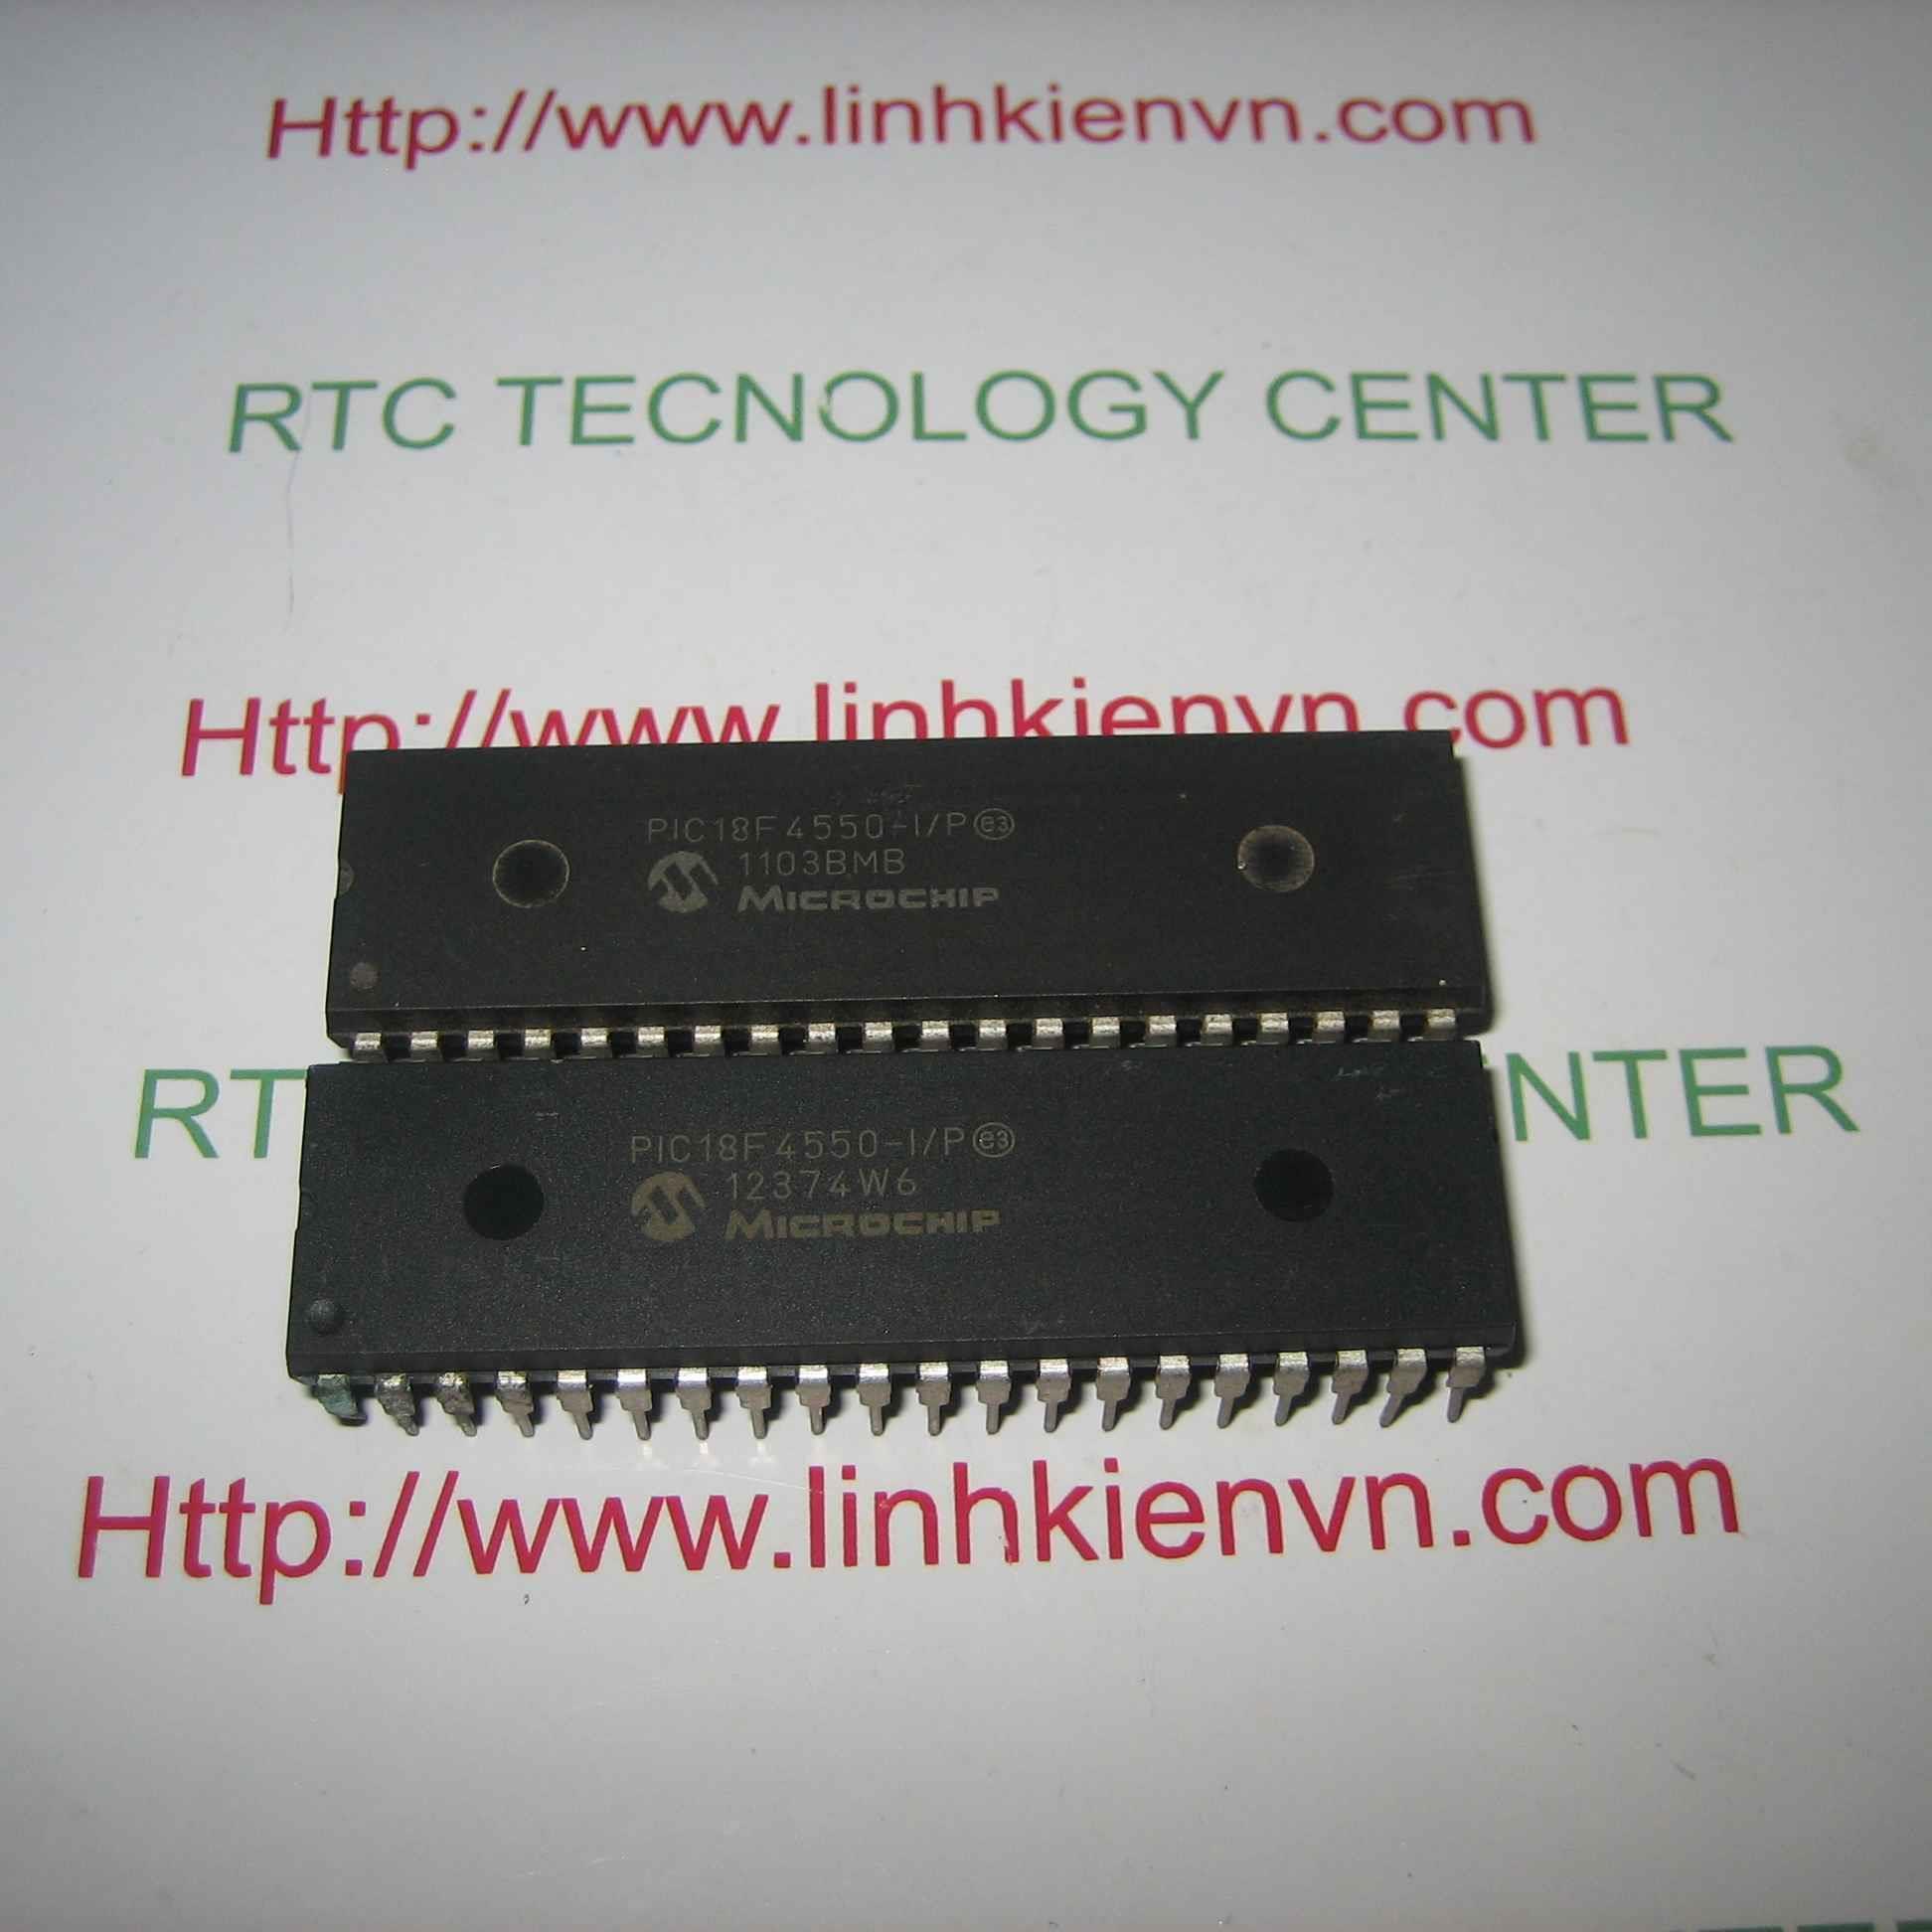 PIC18F4550 - F1H8